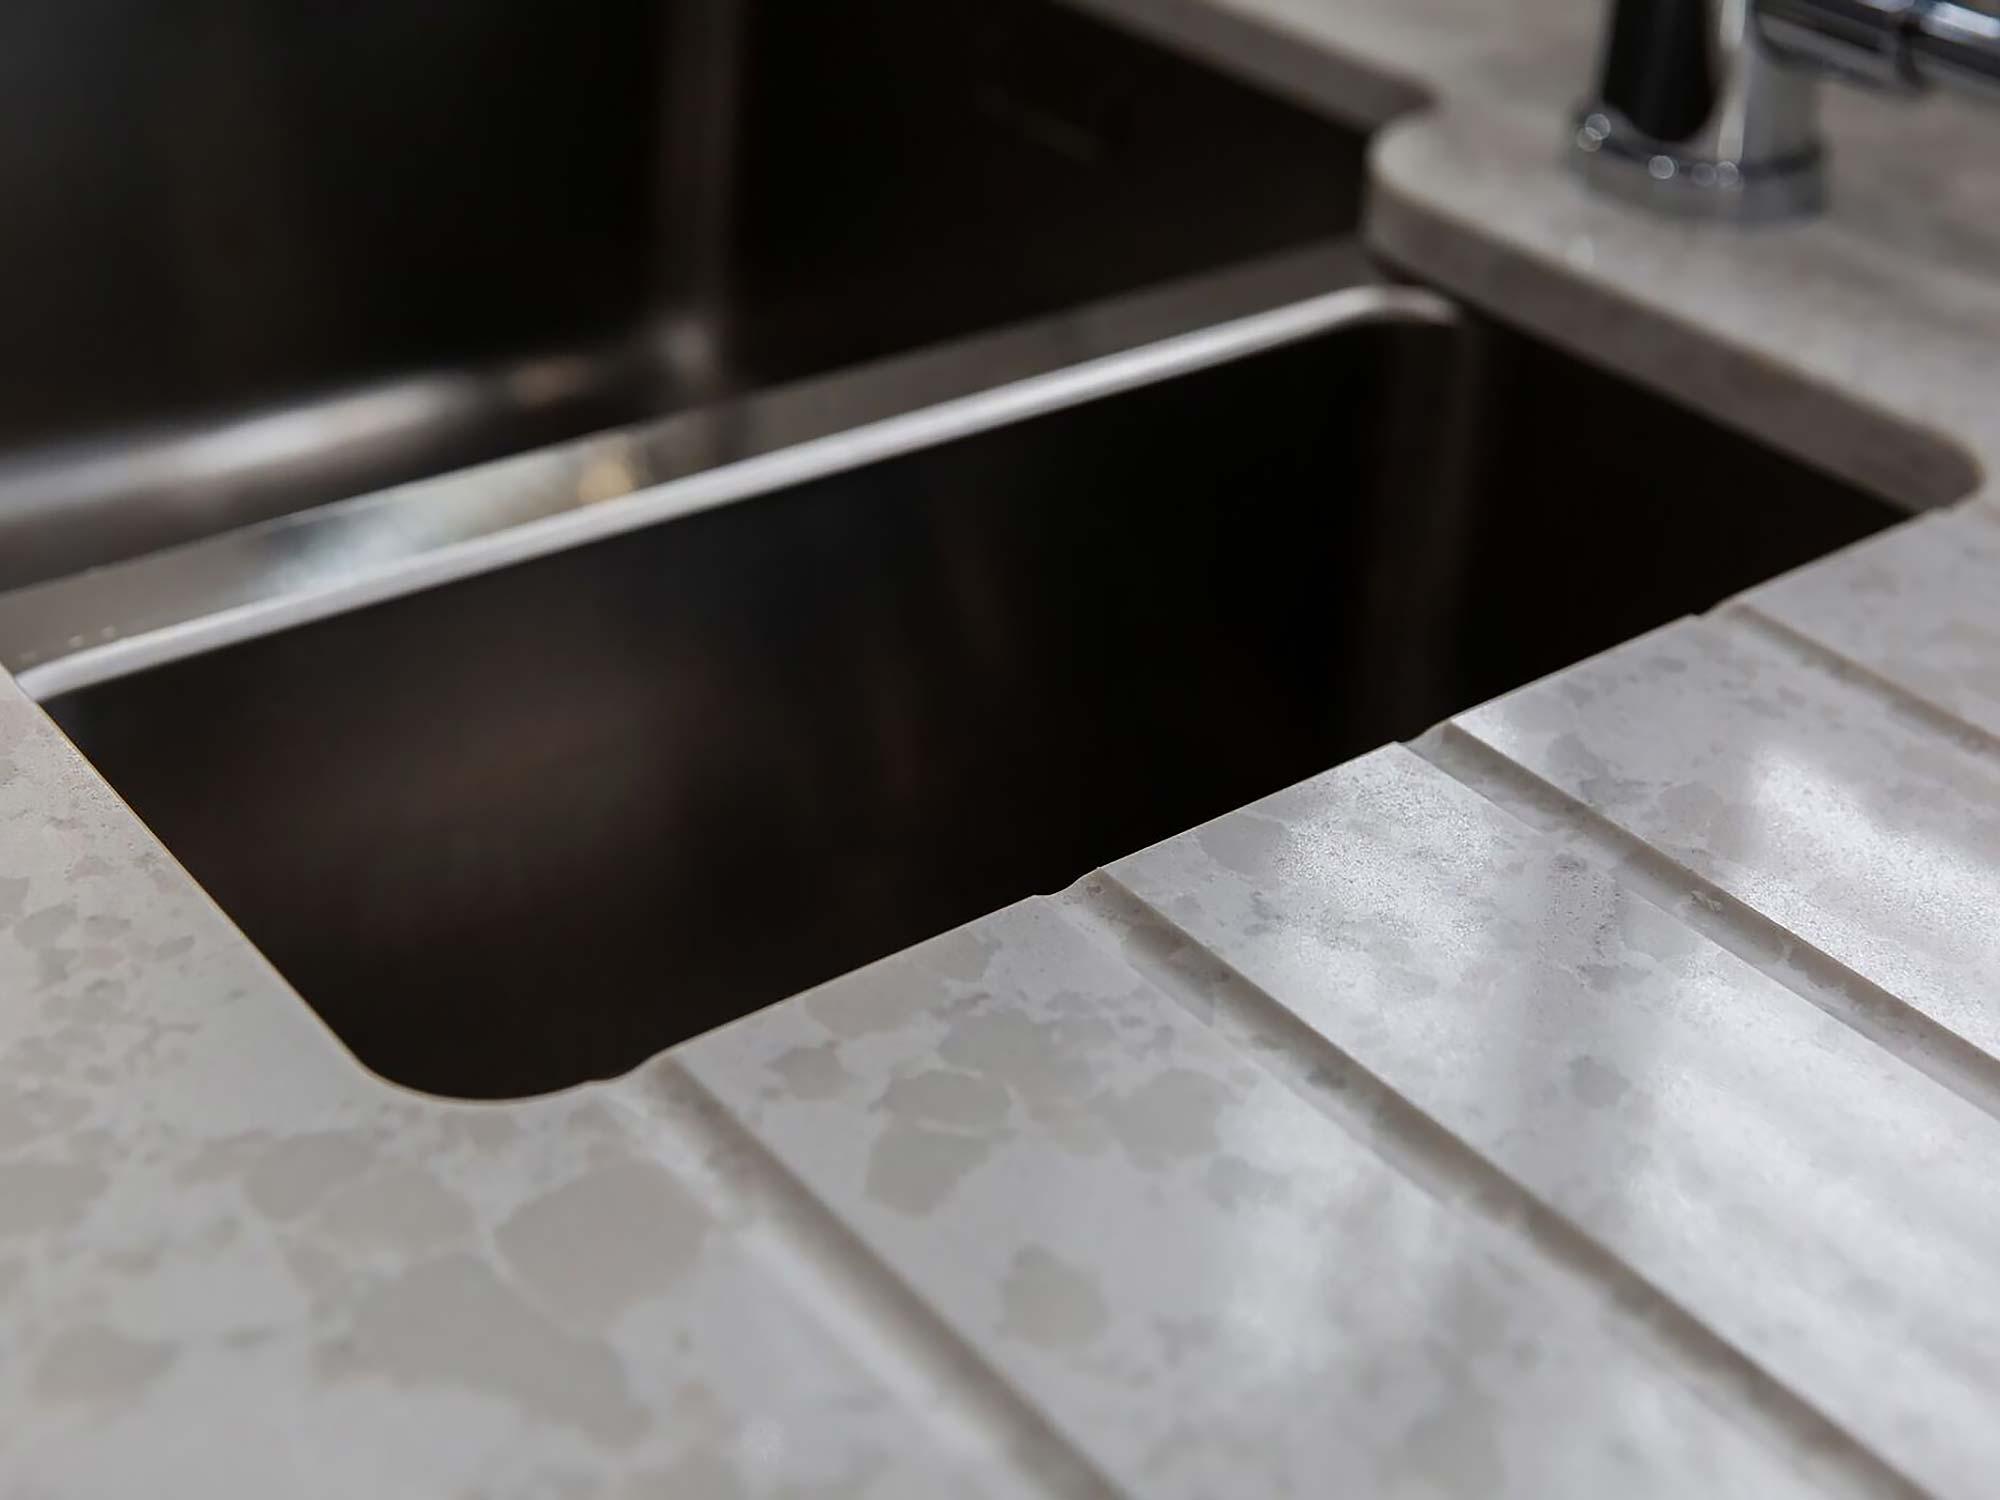 Konigstone kitchen worktop sink